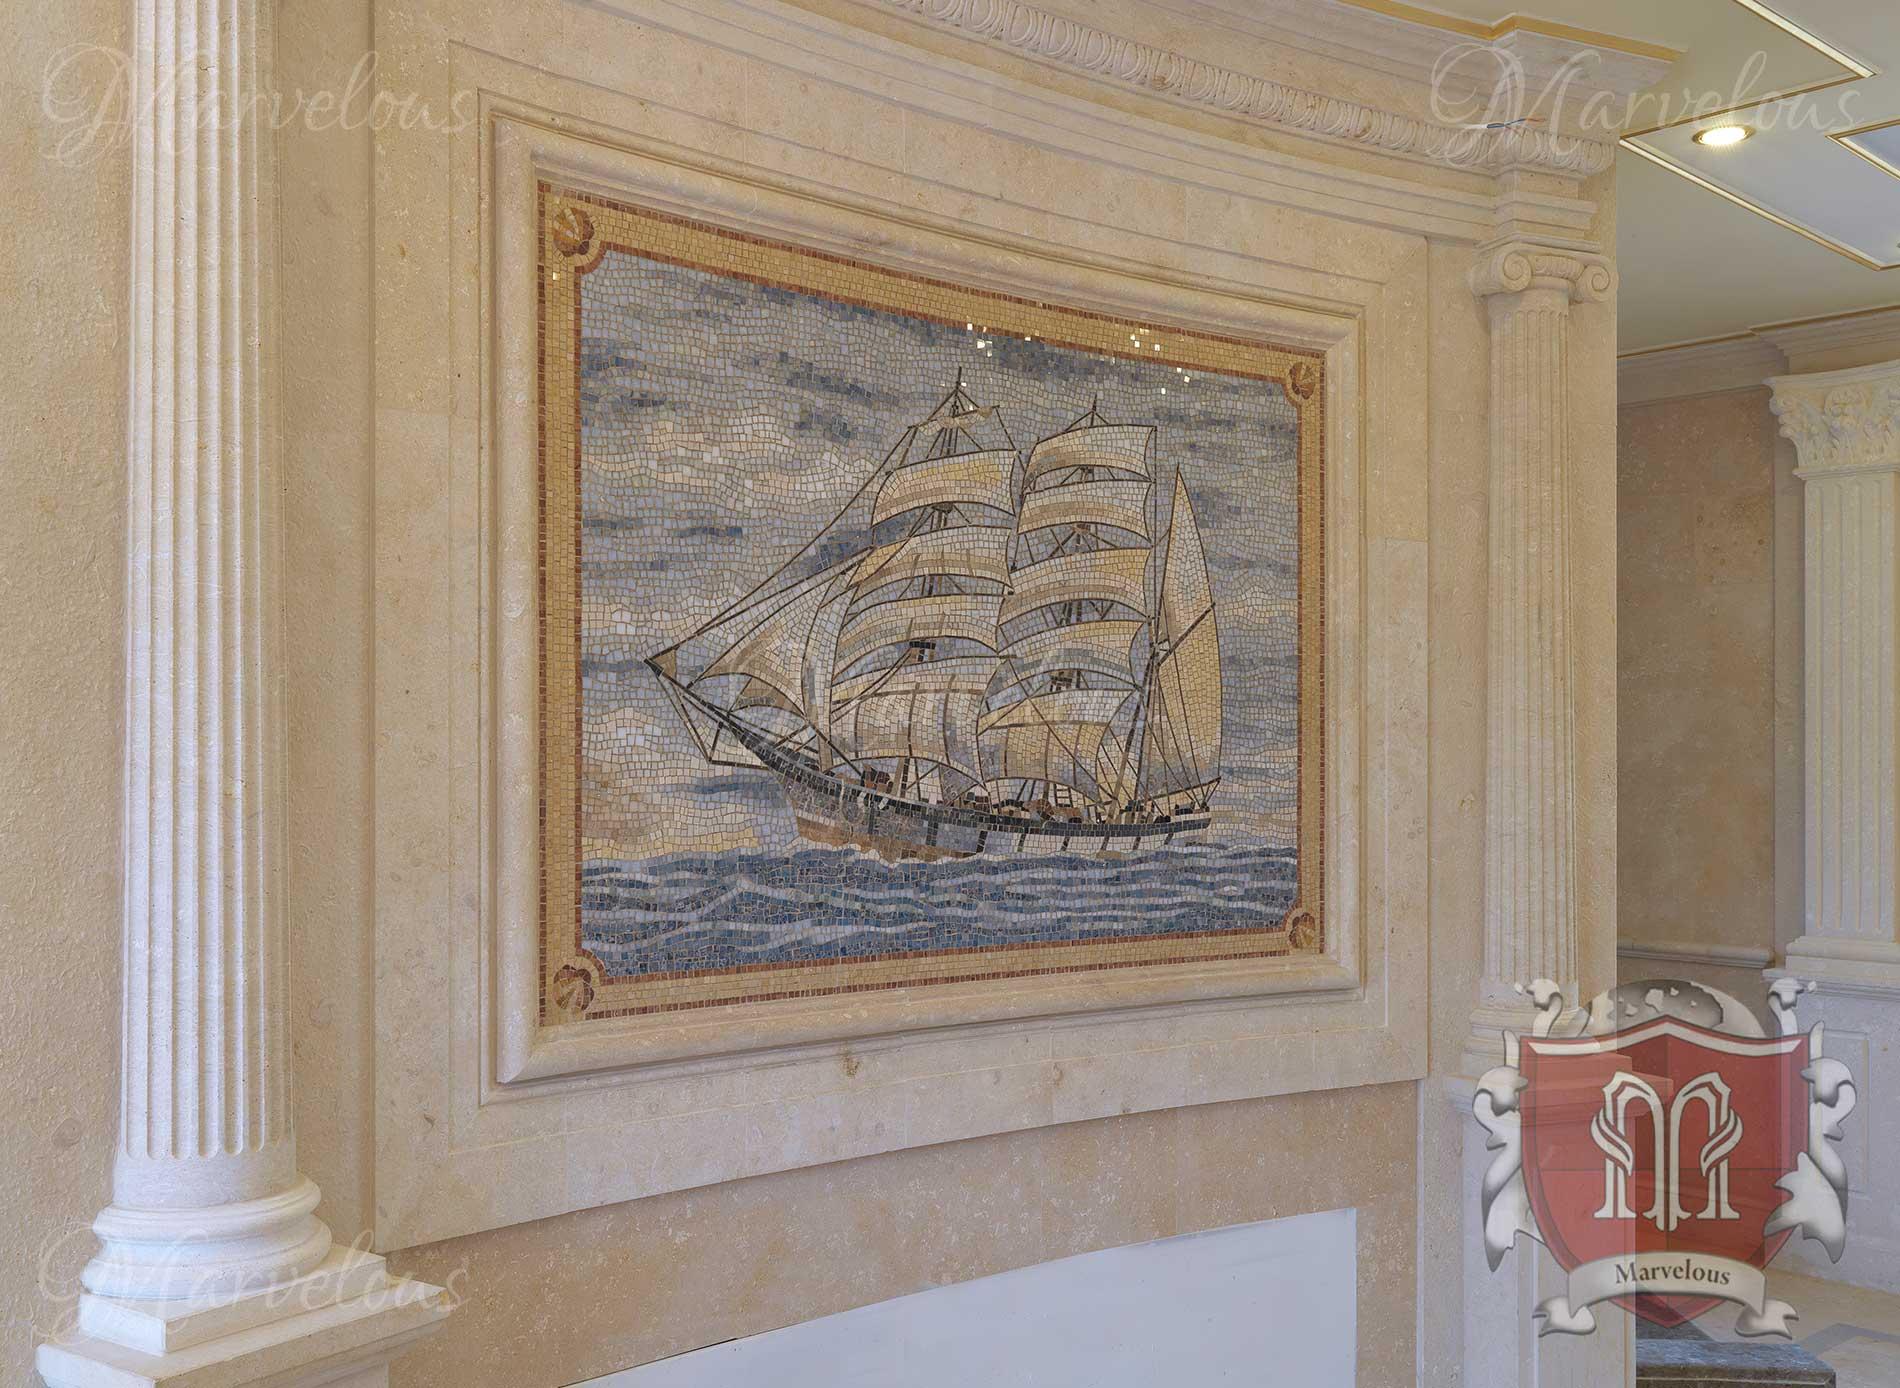 Marble Wall Mosaic: Mozzafiato